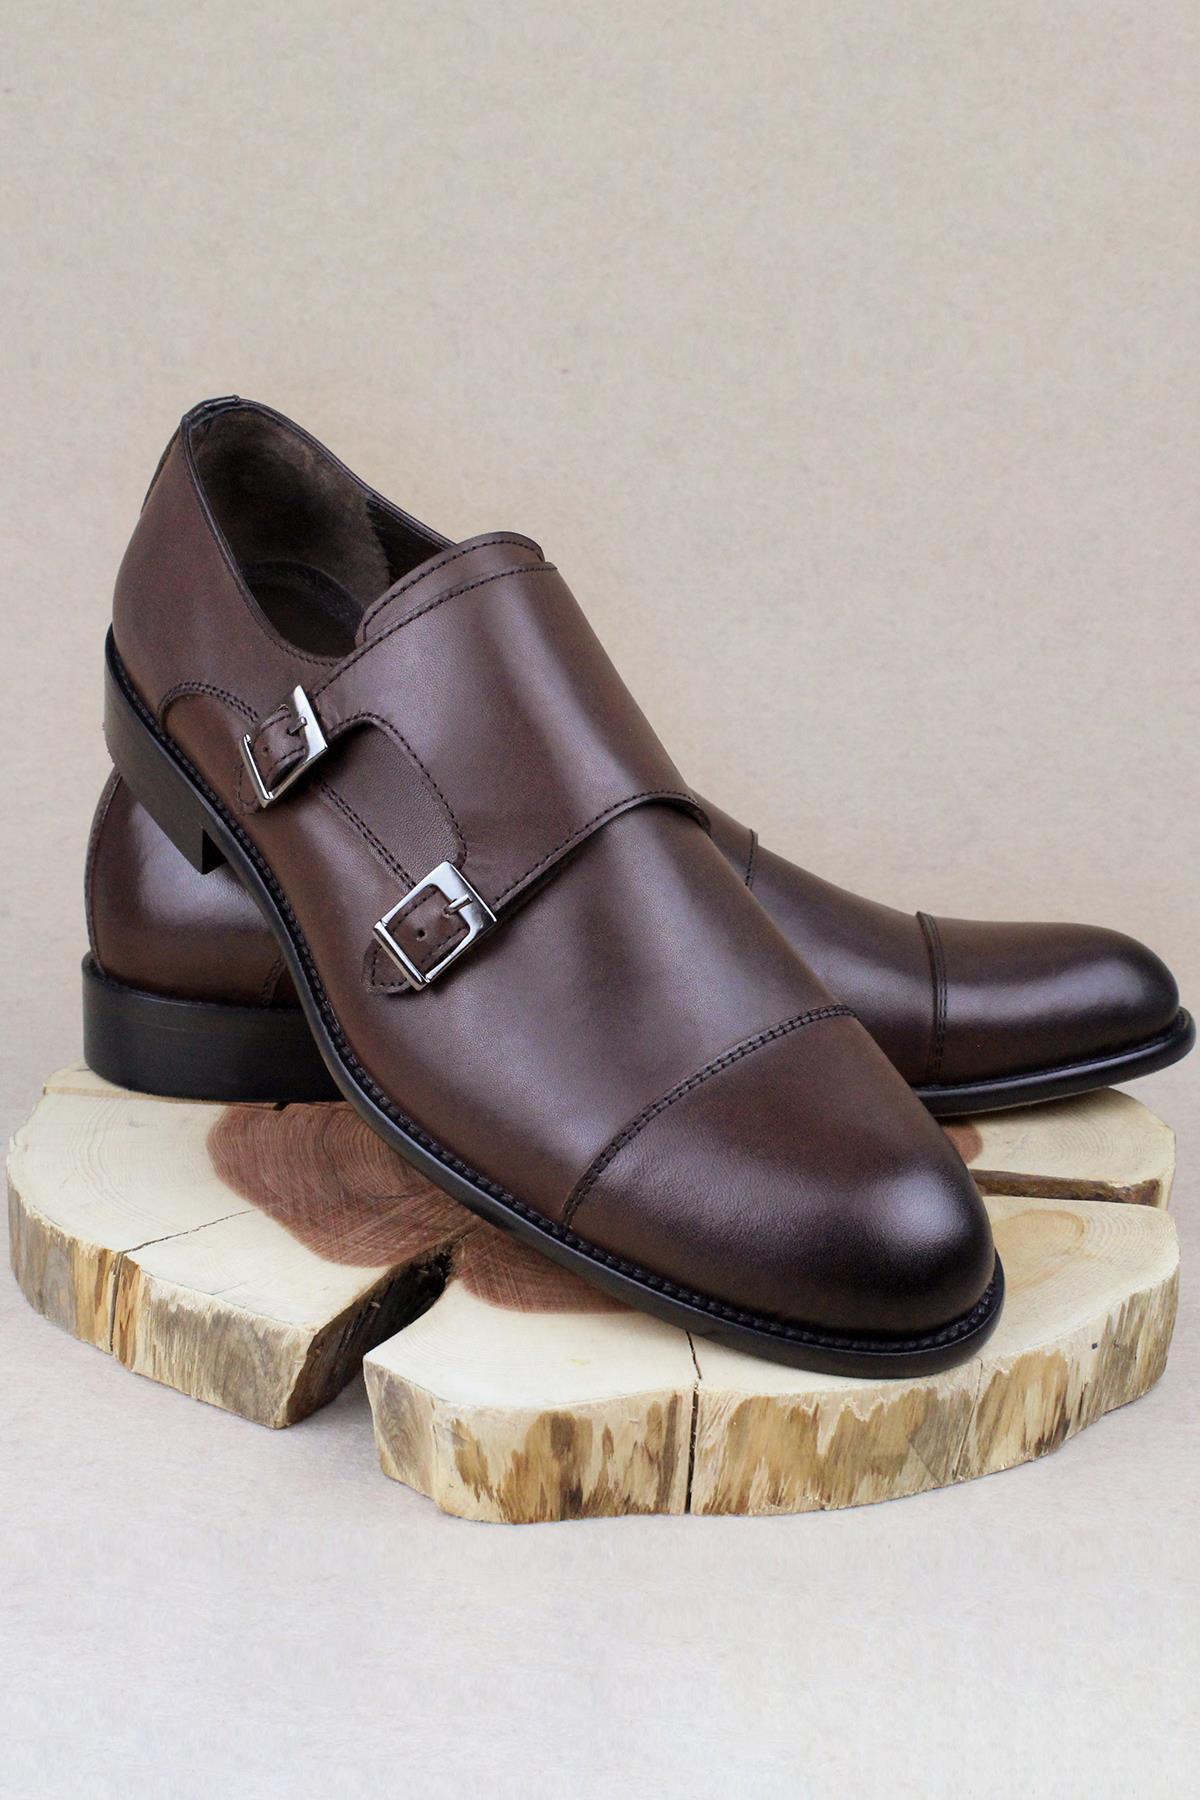 Buyuksun Hakiki Deri Çift Tokalı Klasik Ayakkabı Neolit Büyük Numara 36.123.09